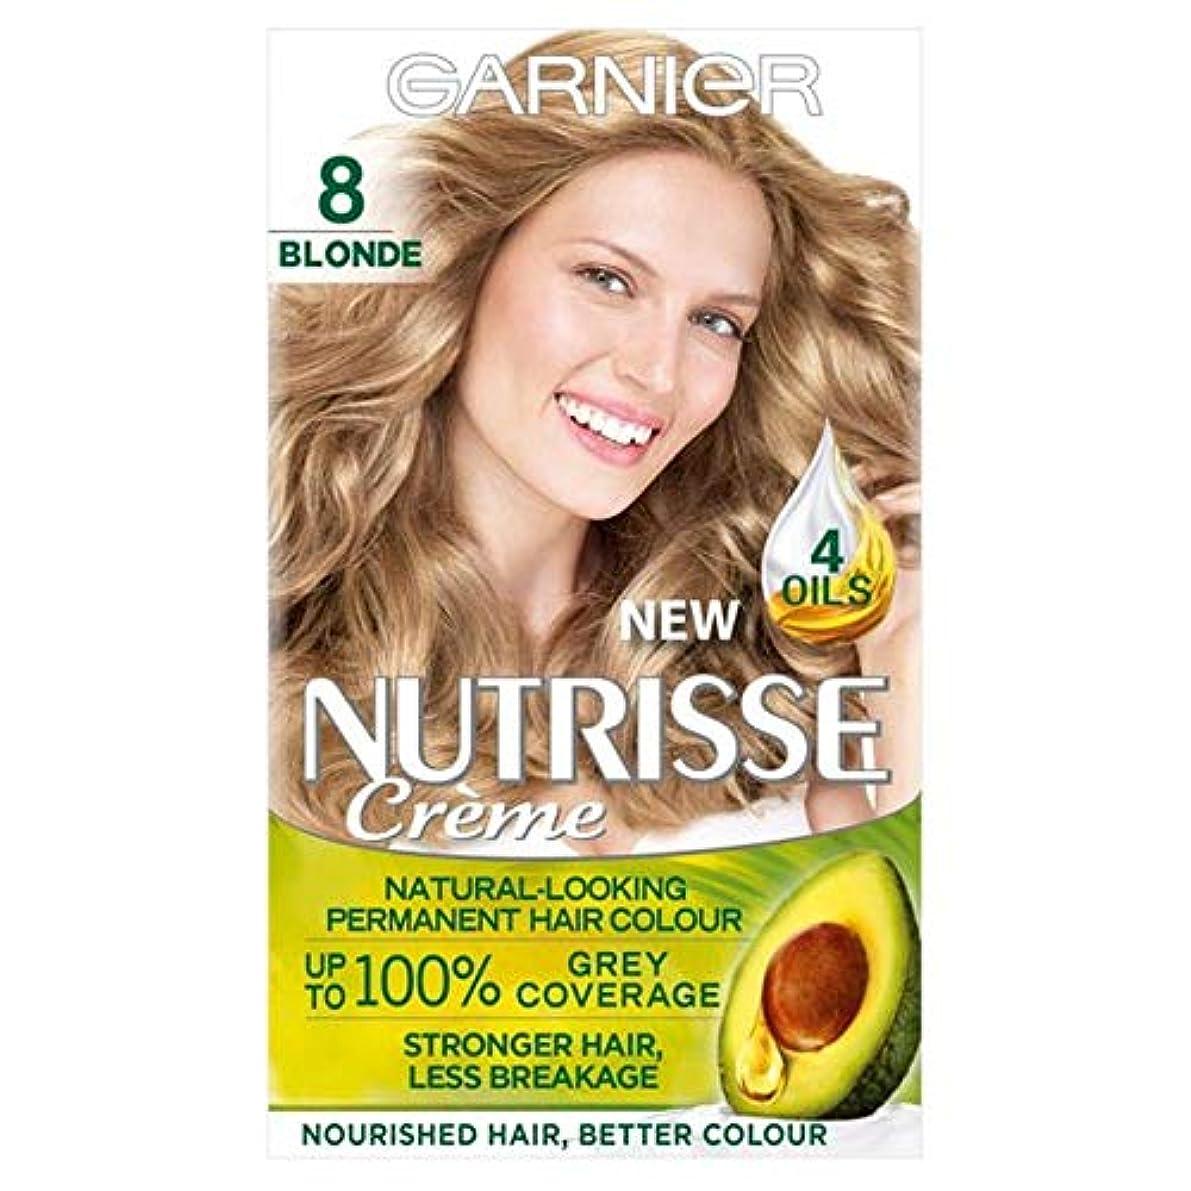 バーベキューしっとり組み立てる[Nutrisse] 8ブロンドの永久染毛剤Nutrisseガルニエ - Garnier Nutrisse 8 Blonde Permanent Hair Dye [並行輸入品]